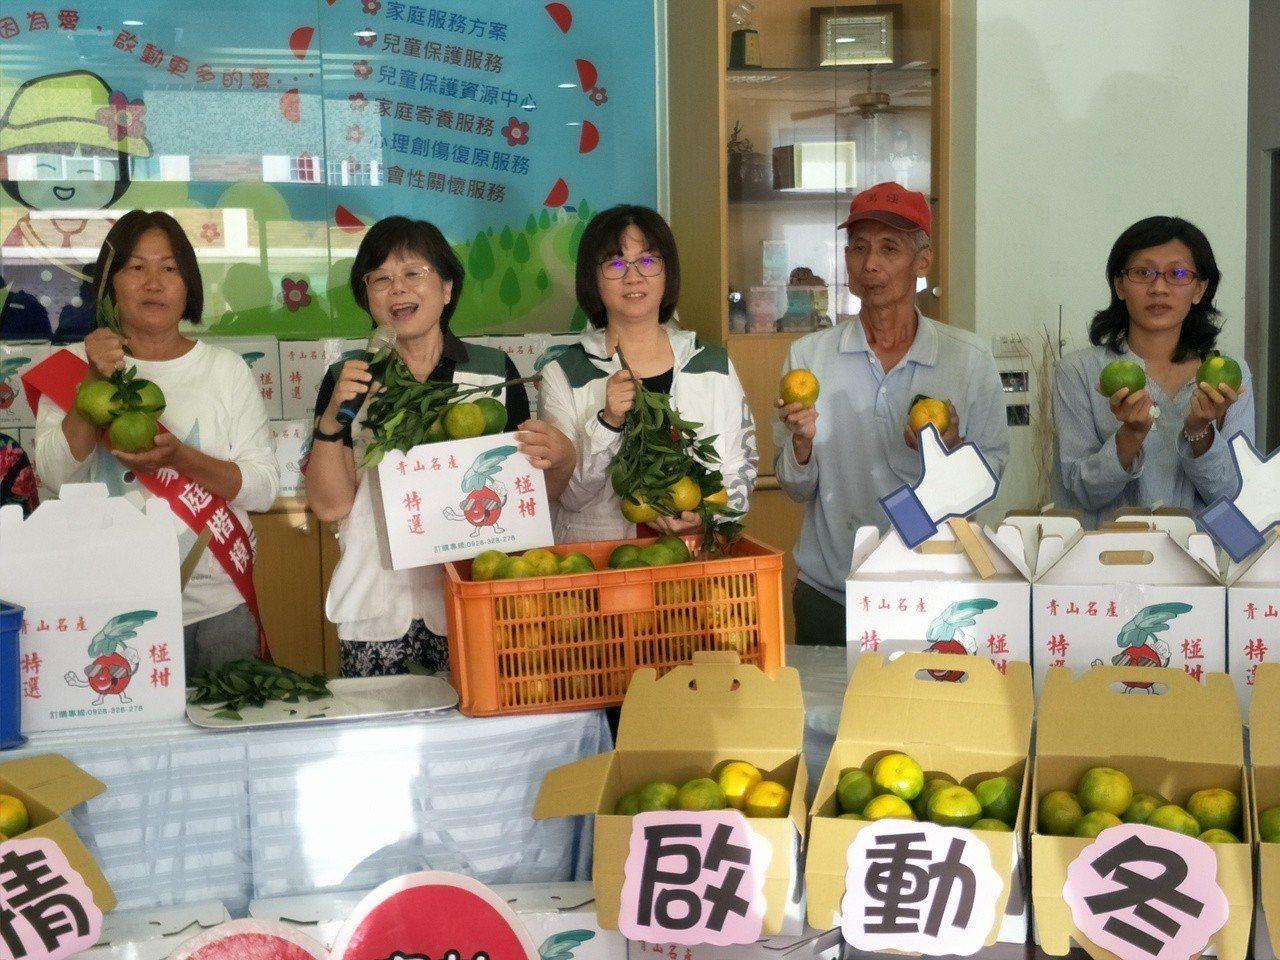 台南東山農民伍國賢(右二)連續兩年提供椪柑200箱助弱勢。記者謝進盛/攝影